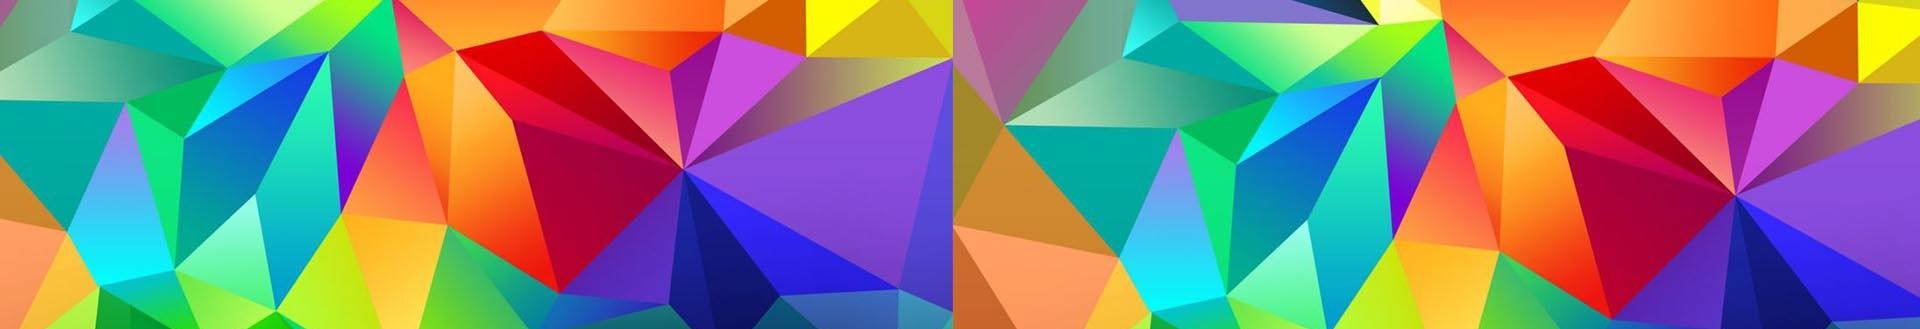 Fondo Colorido Slide Mr Fotomaton